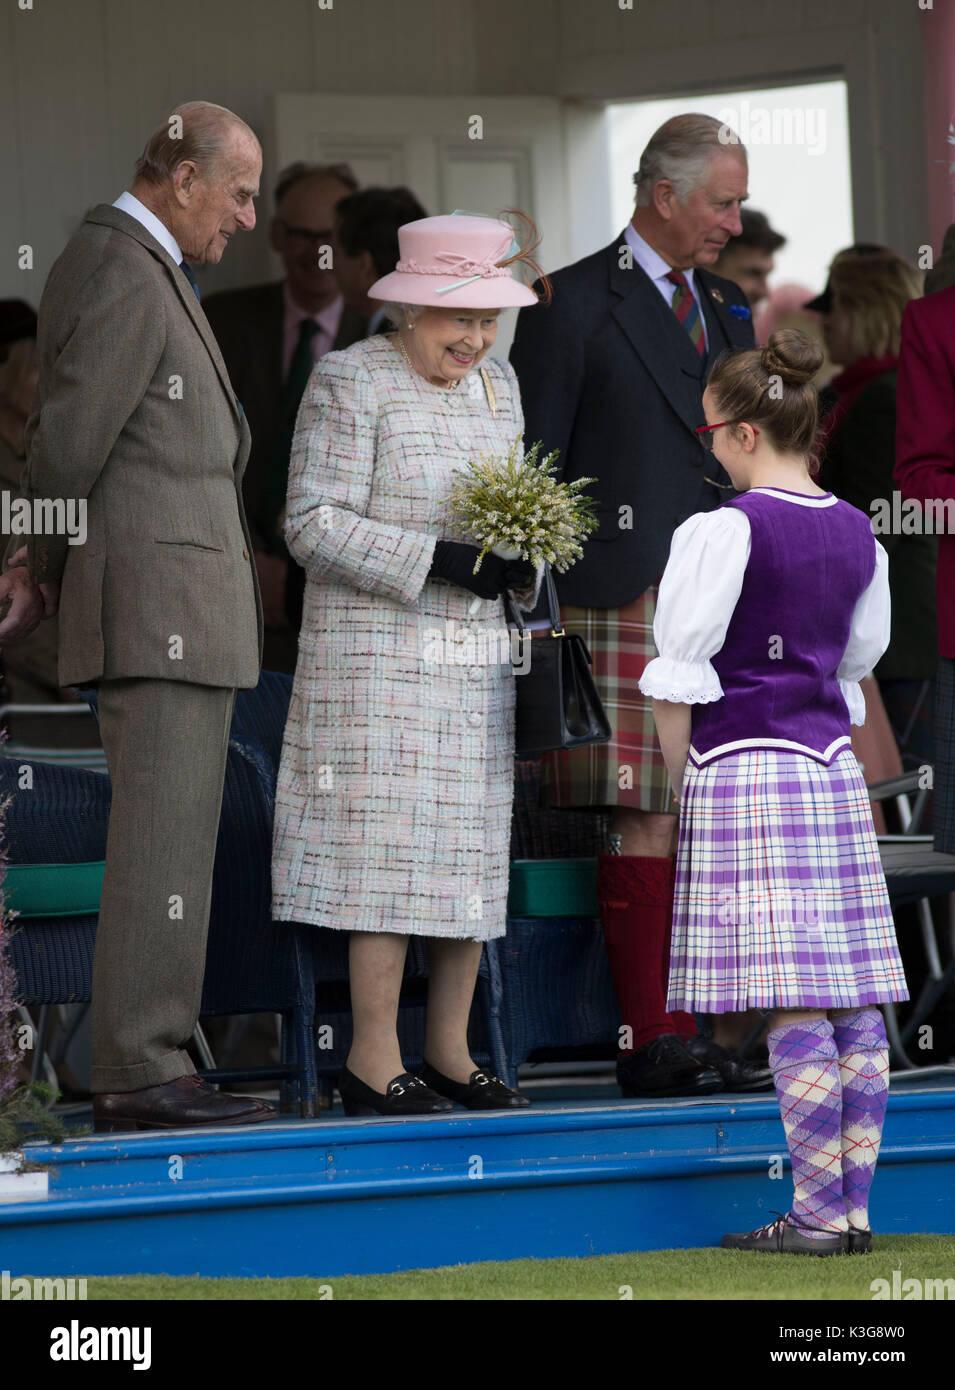 Londres, Royaume-Uni. Sep, 2017 3. La Reine Elizabeth II assiste à la collecte de 2017, un rapport de Braemar traditionnel écossais Highland Games, à Braemar, l'Écosse, le 2 septembre 2017. Source: Xinhua/Alamy Live News Banque D'Images